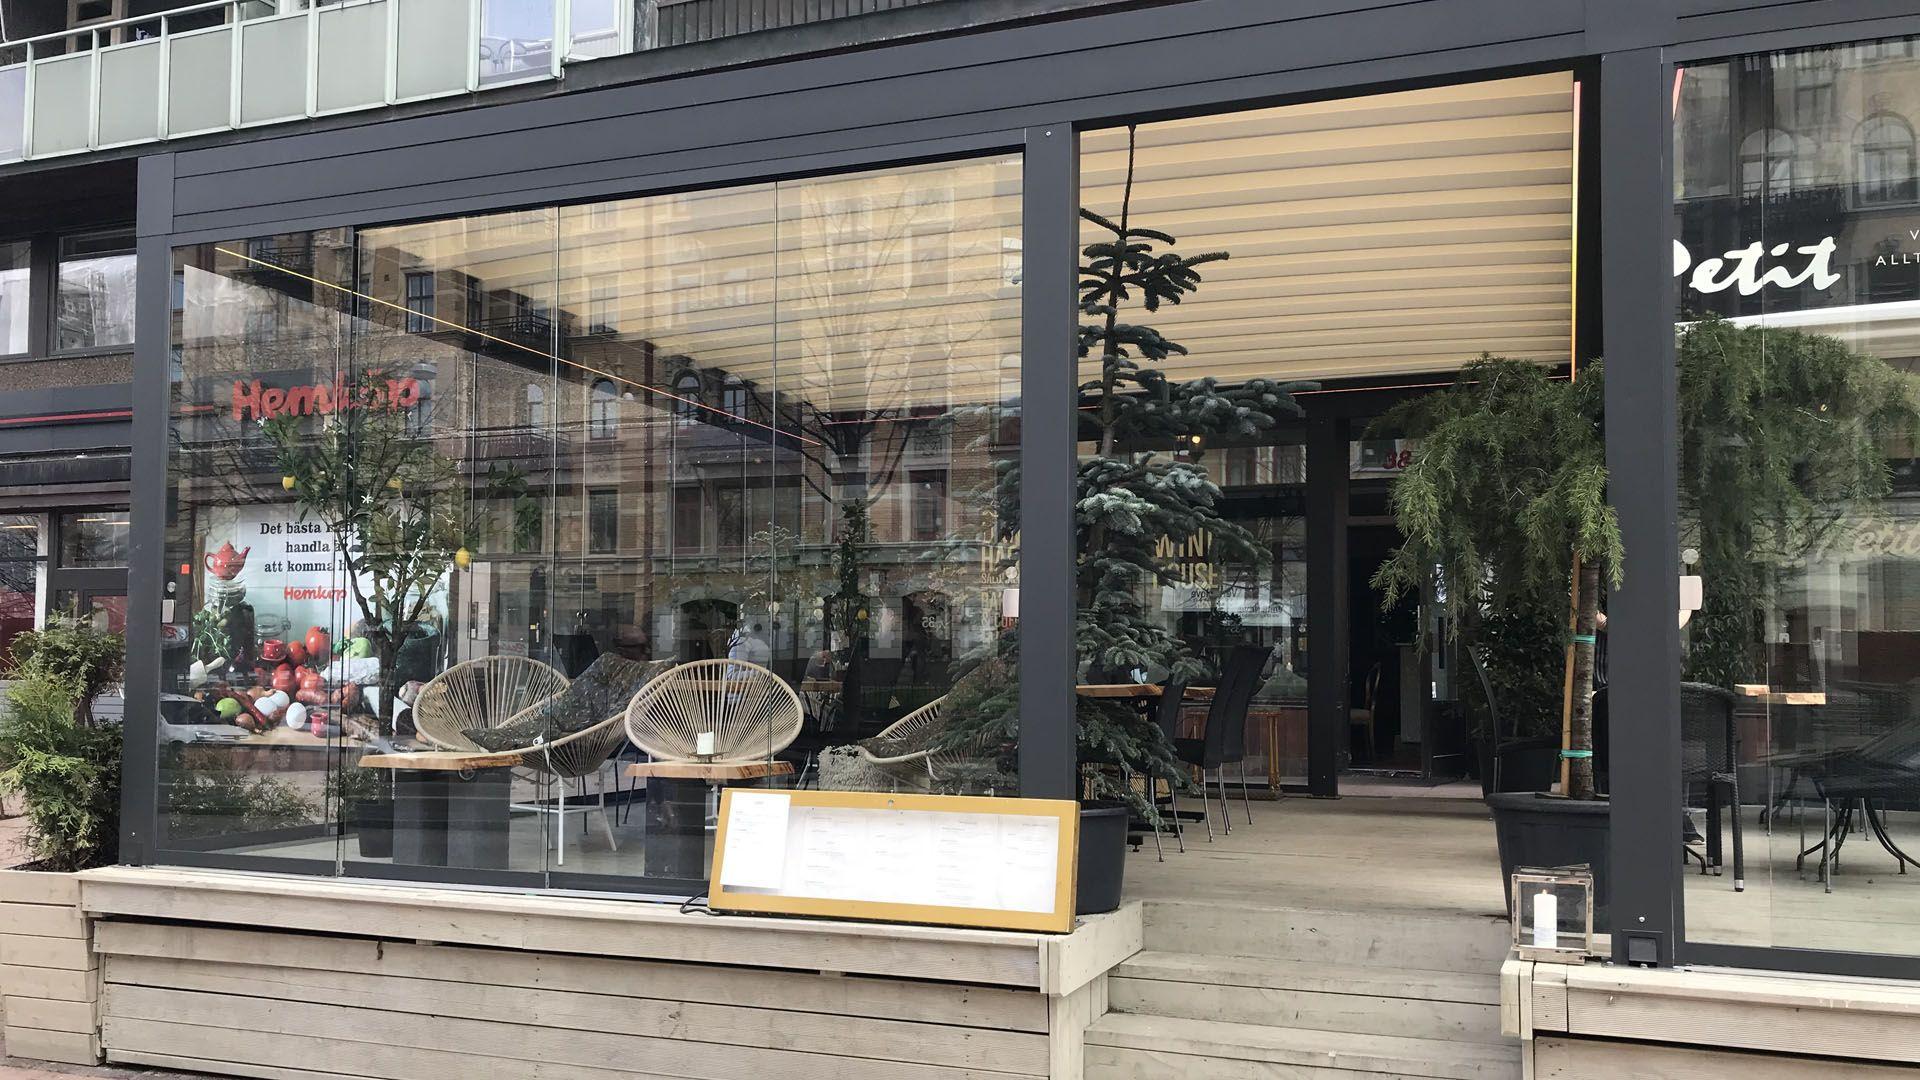 Göteborg linnégatan 25